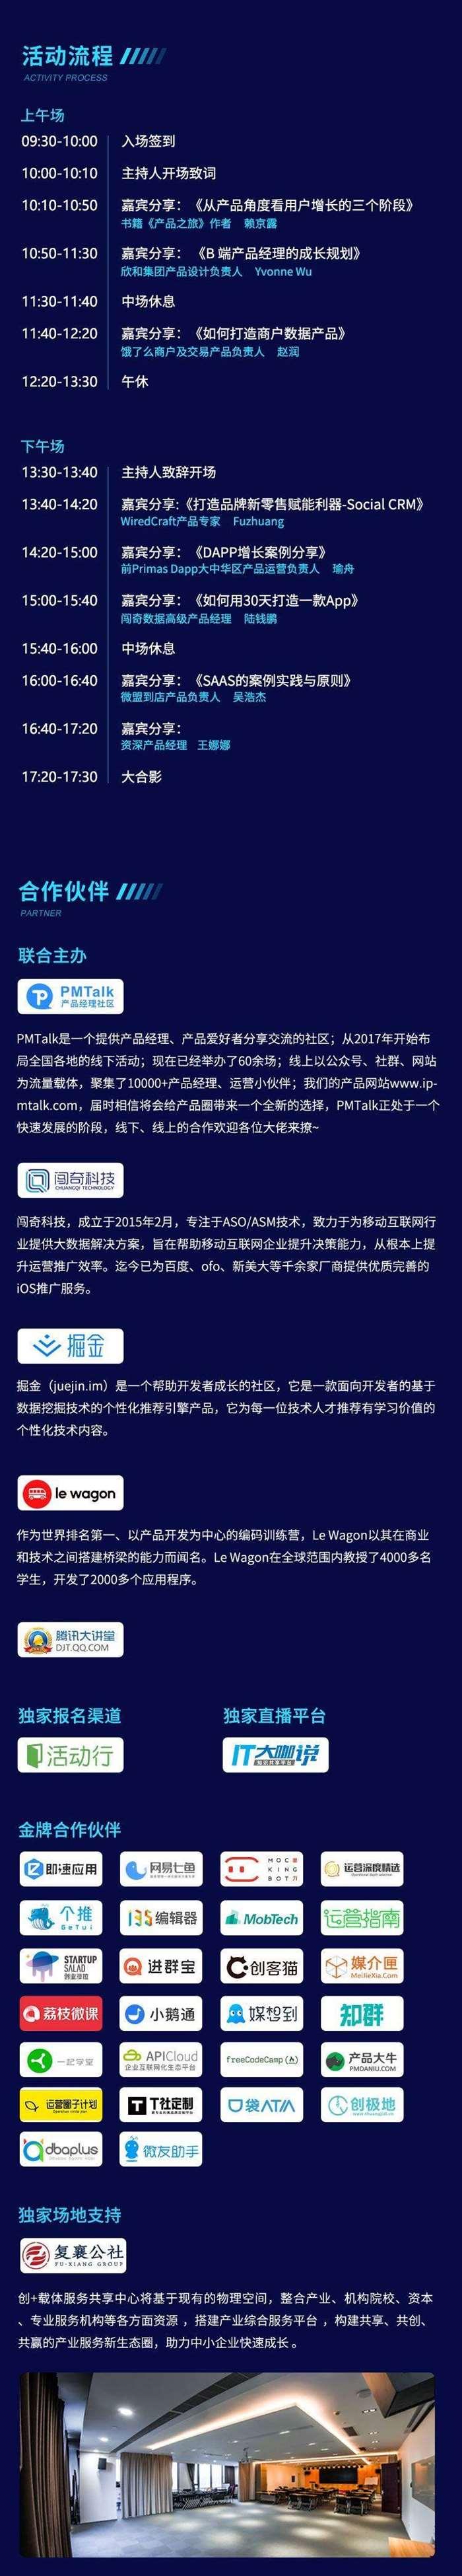 上海长图_02.jpg